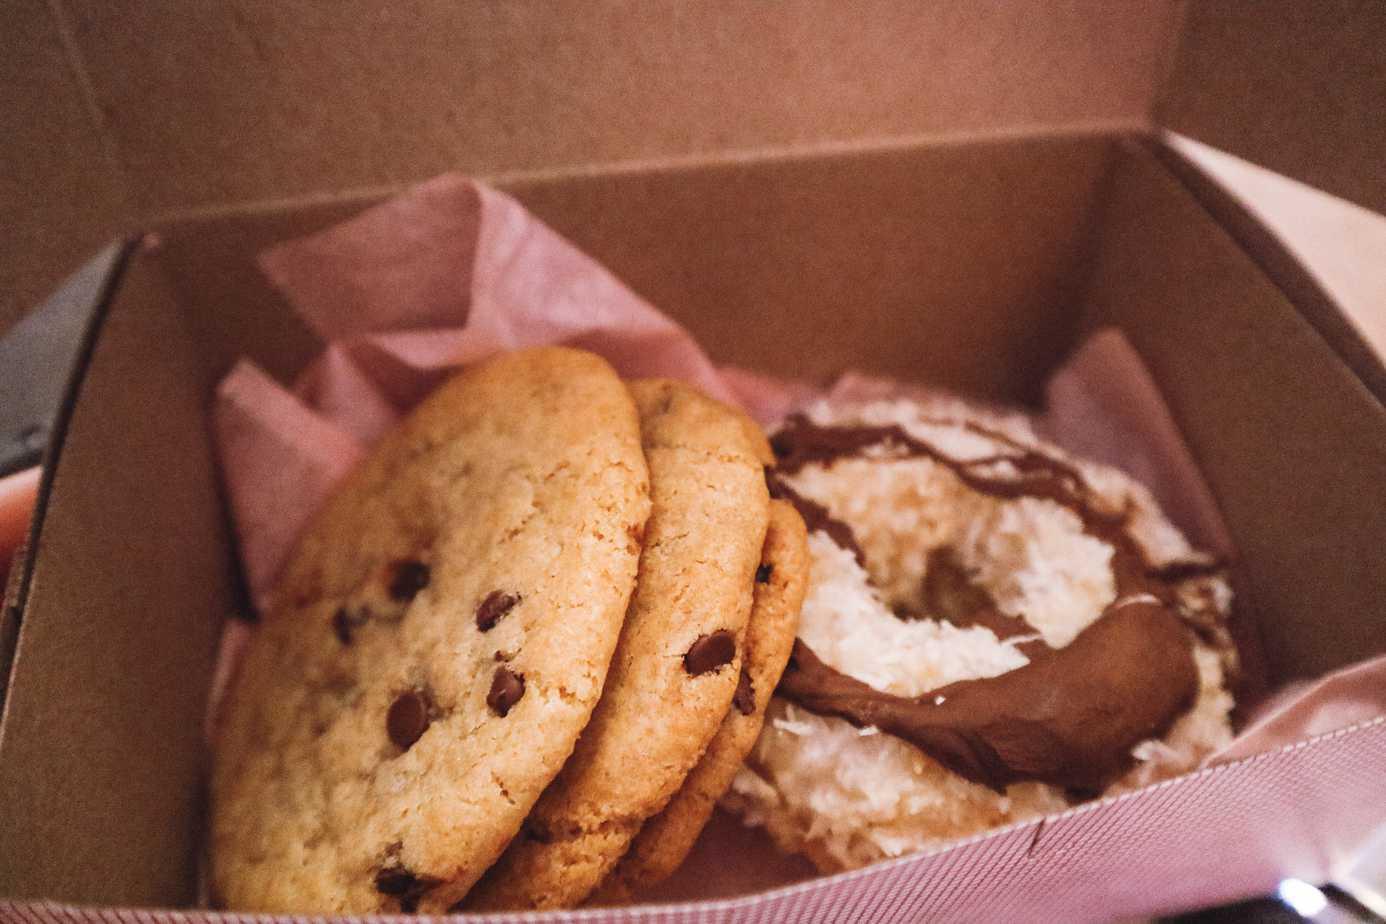 100% gluten free bakery in NYC: Erin McKenna's.